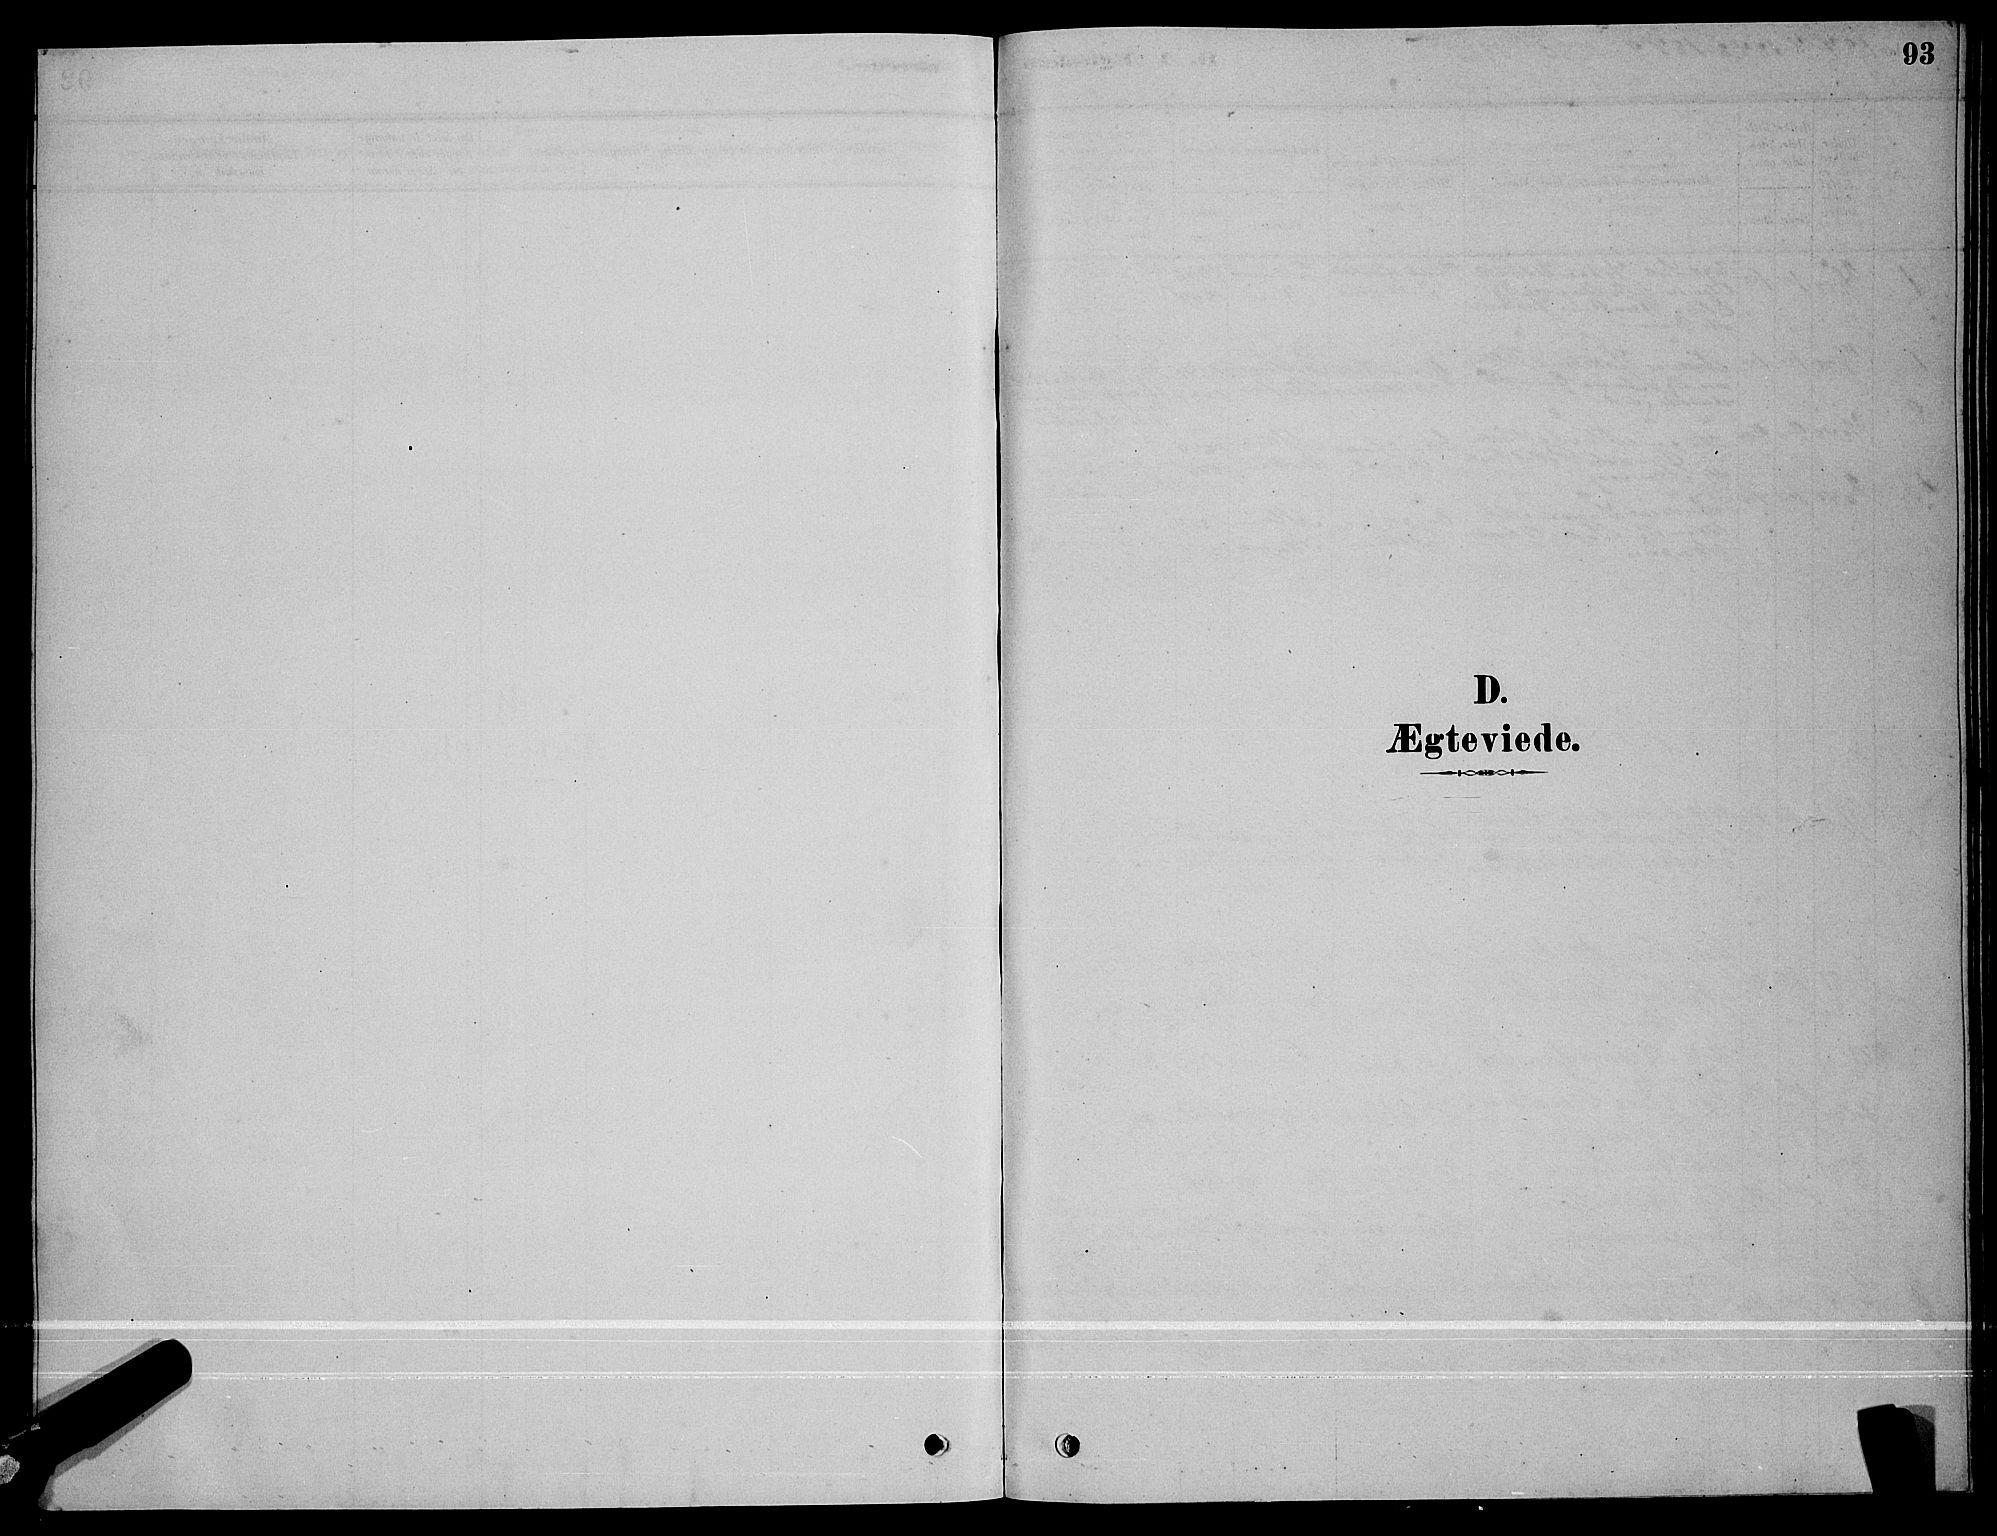 SAT, Ministerialprotokoller, klokkerbøker og fødselsregistre - Sør-Trøndelag, 641/L0597: Klokkerbok nr. 641C01, 1878-1893, s. 93